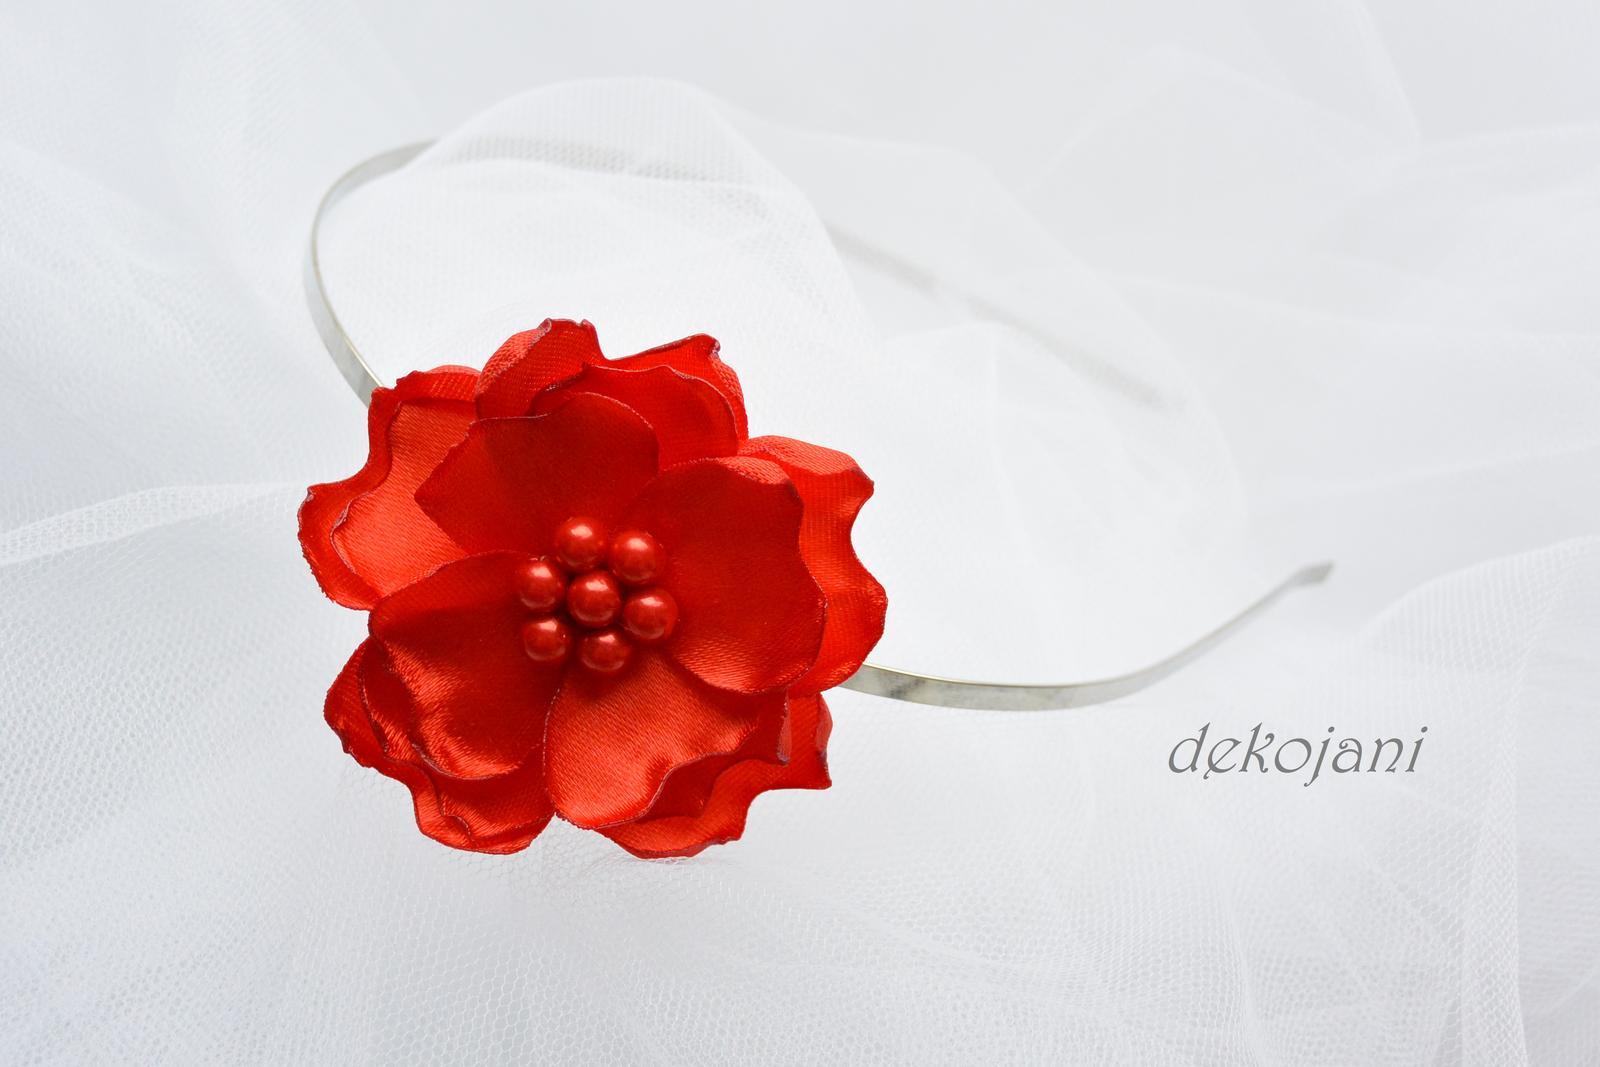 Čelenky, květiny do vlasů, náramky, obojek pro pejska... - Obrázek č. 100